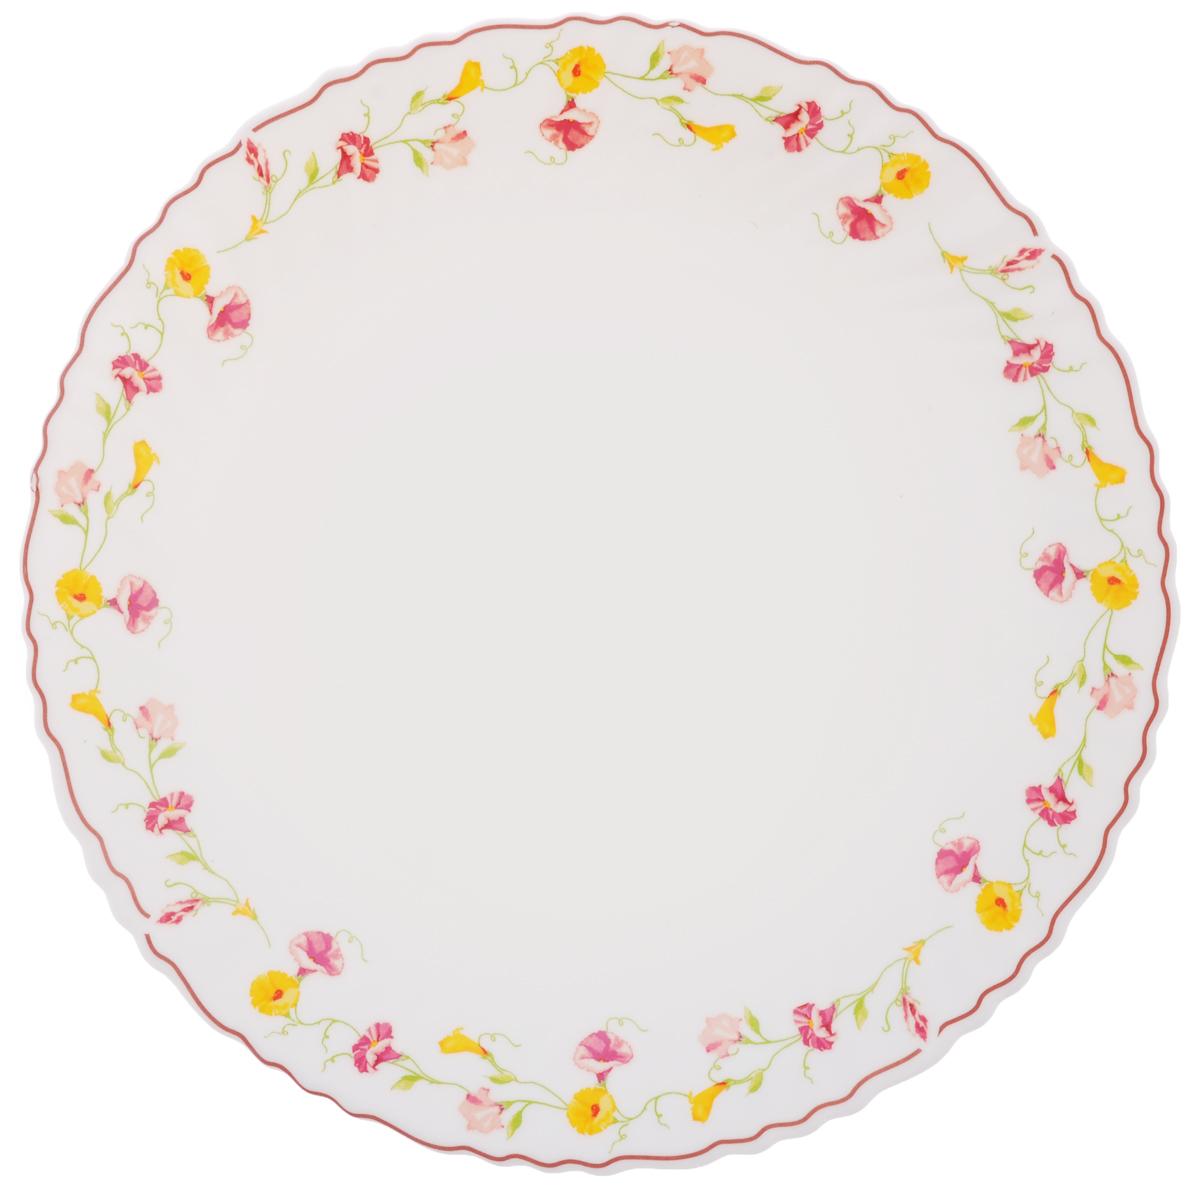 Тарелка обеденная Chinbull Эльзас, диаметр 24 смJ1746Обеденная тарелка Chinbull Эльзас, изготовленная из высококачественной стеклокерамики, украшена ярким цветочным рисунком. Изящный дизайн придется по вкусу и ценителям классики, и тем, кто предпочитает утонченность. Тарелка Chinbull Эльзас идеально подойдет для сервировки стола и станет отличным подарком к любому празднику.Диаметр (по верхнему краю): 24 см.